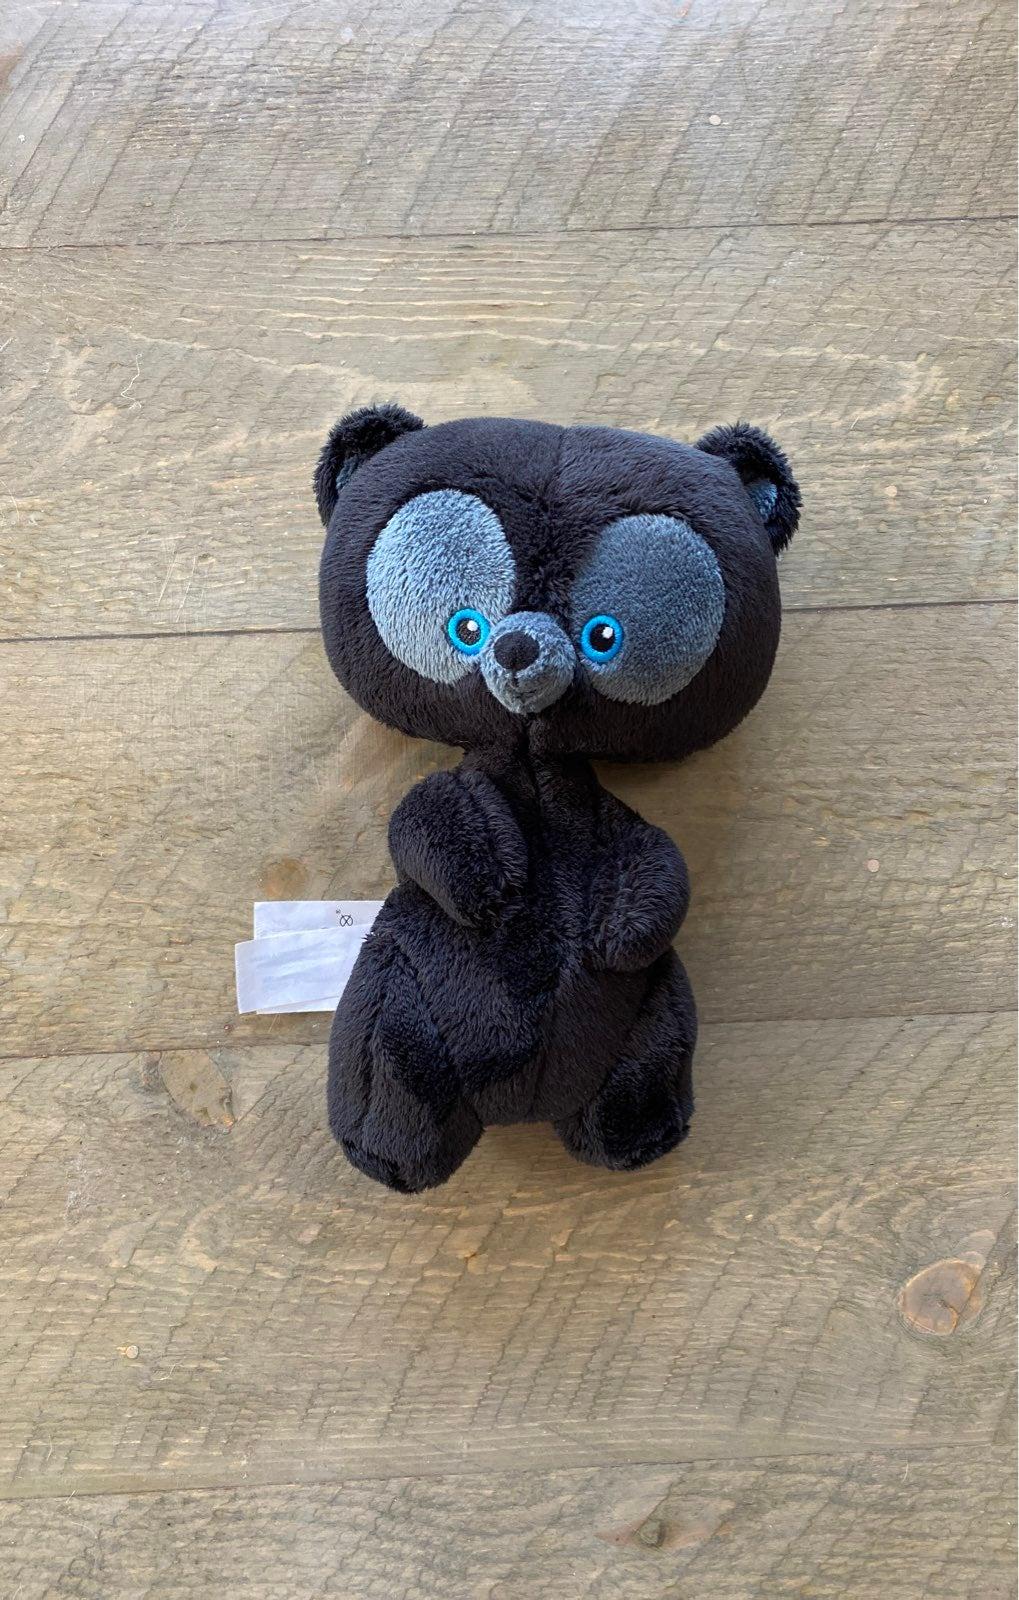 Disney Brave baby bear cub plush